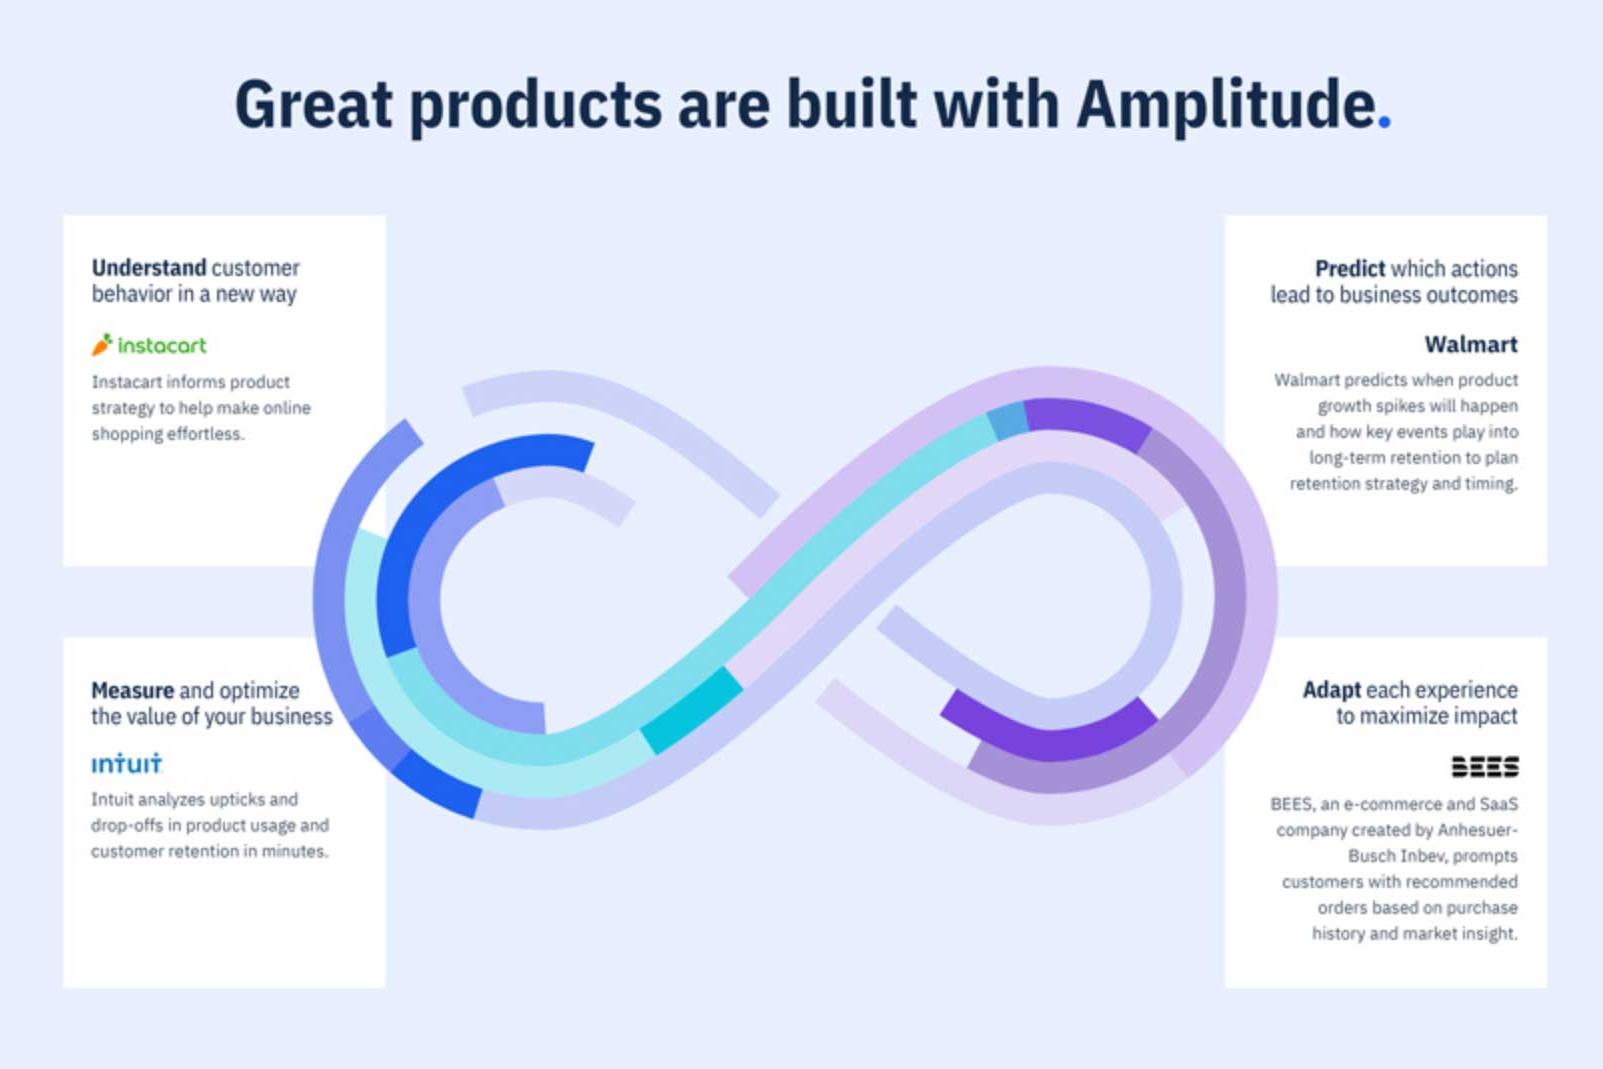 数字优化公司Amplitude冲刺美股:估值或超过40亿美元